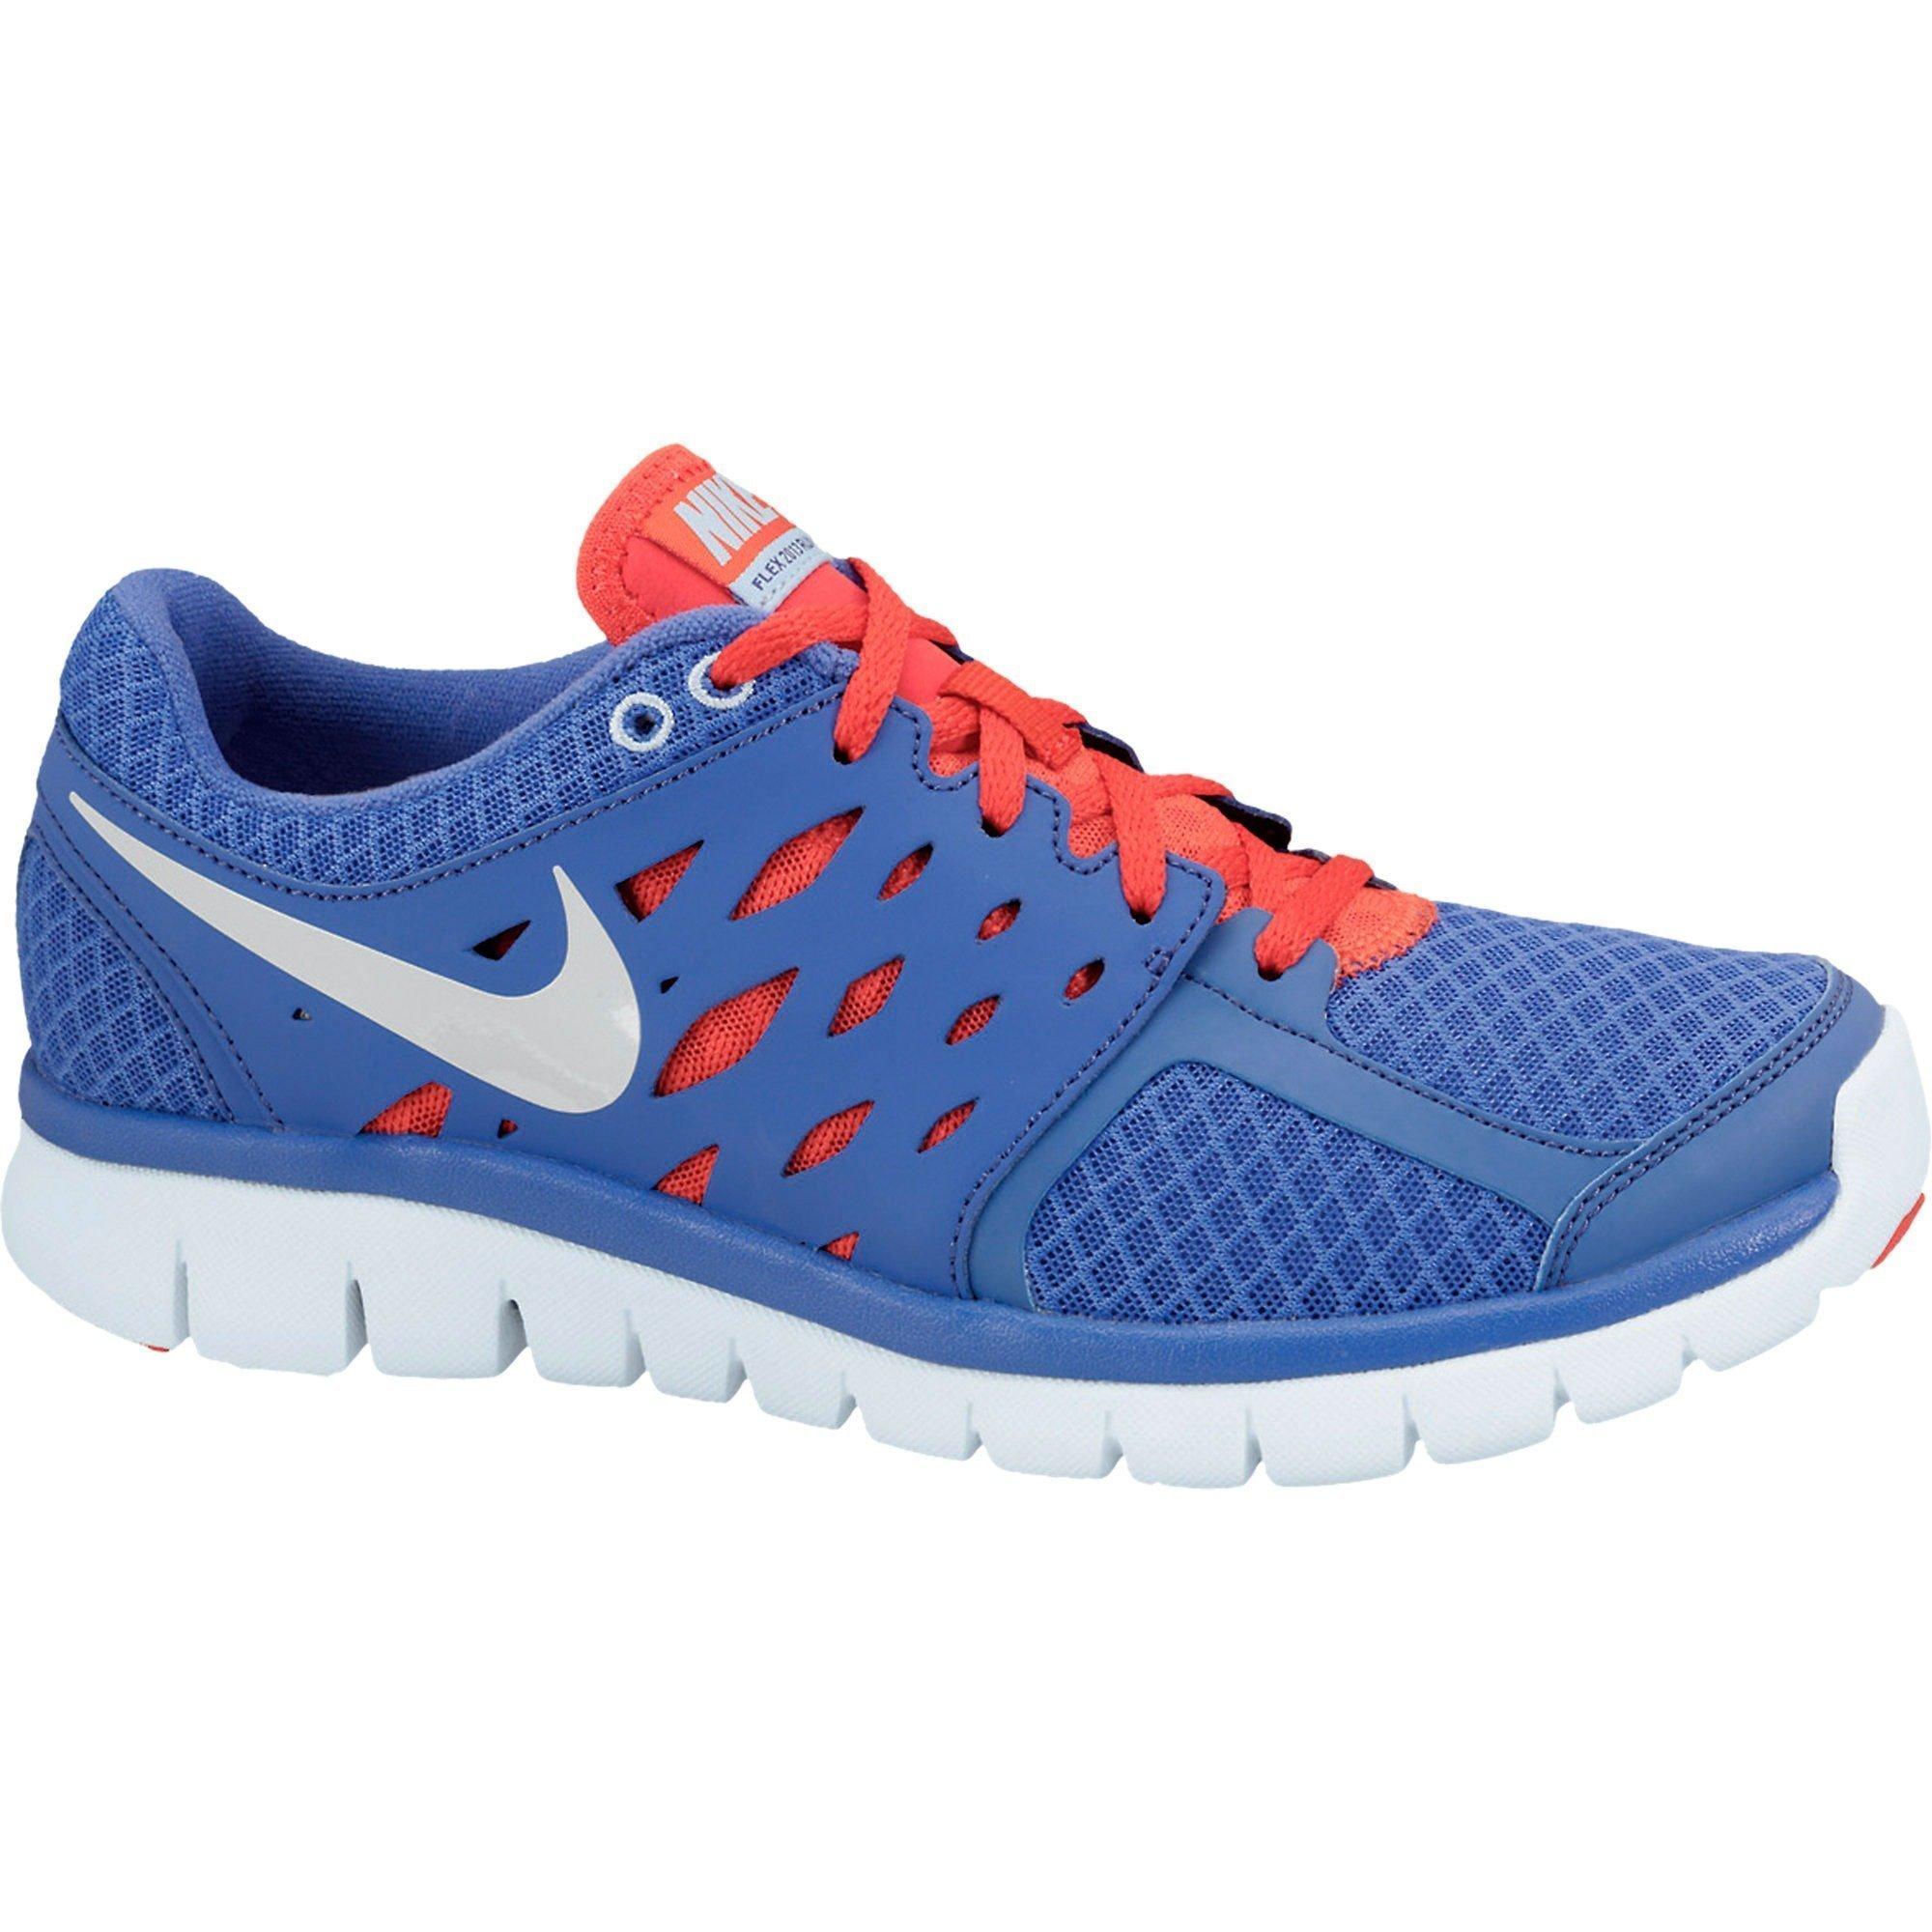 Billede af Nike Flex Run Woman